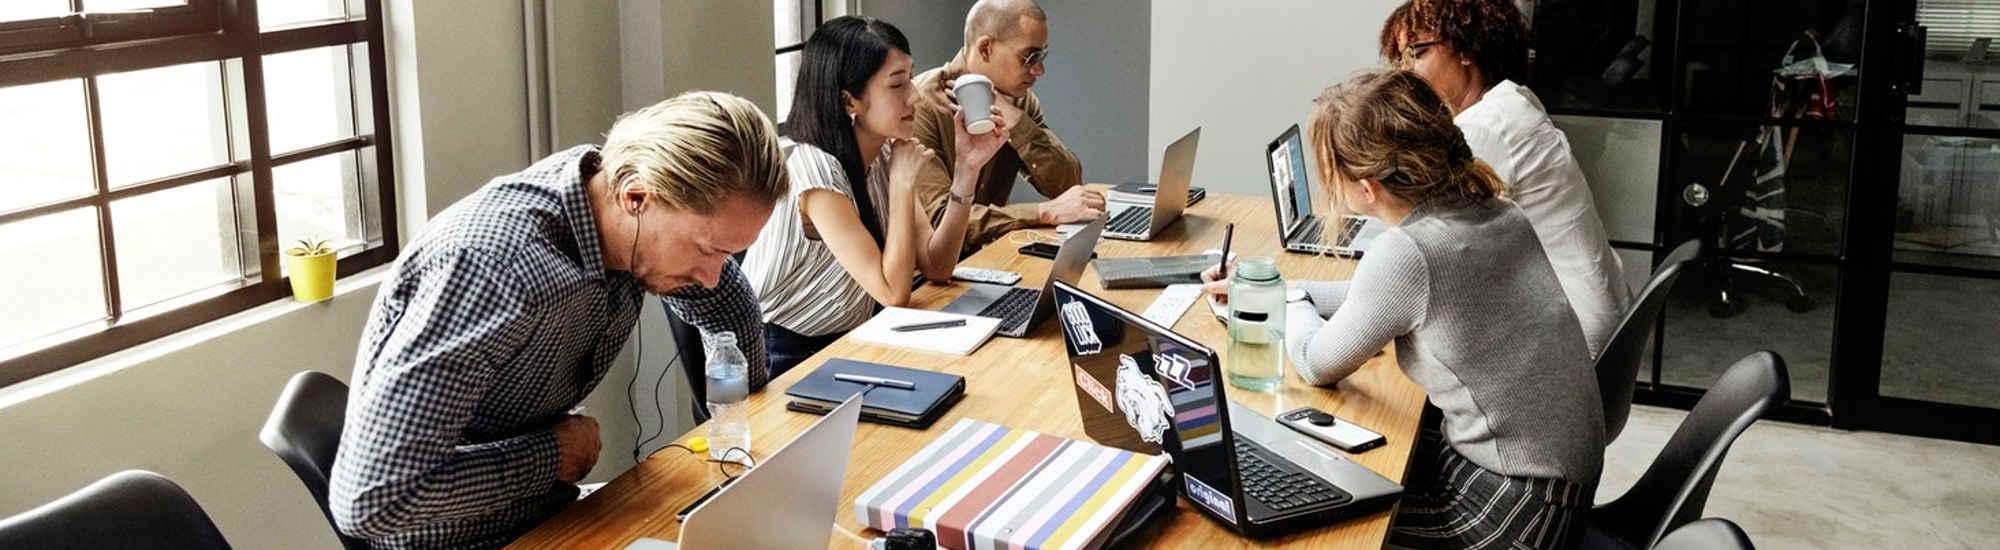 Curso intensivo apresenta conceitos de gestão estratégica para empreendedores